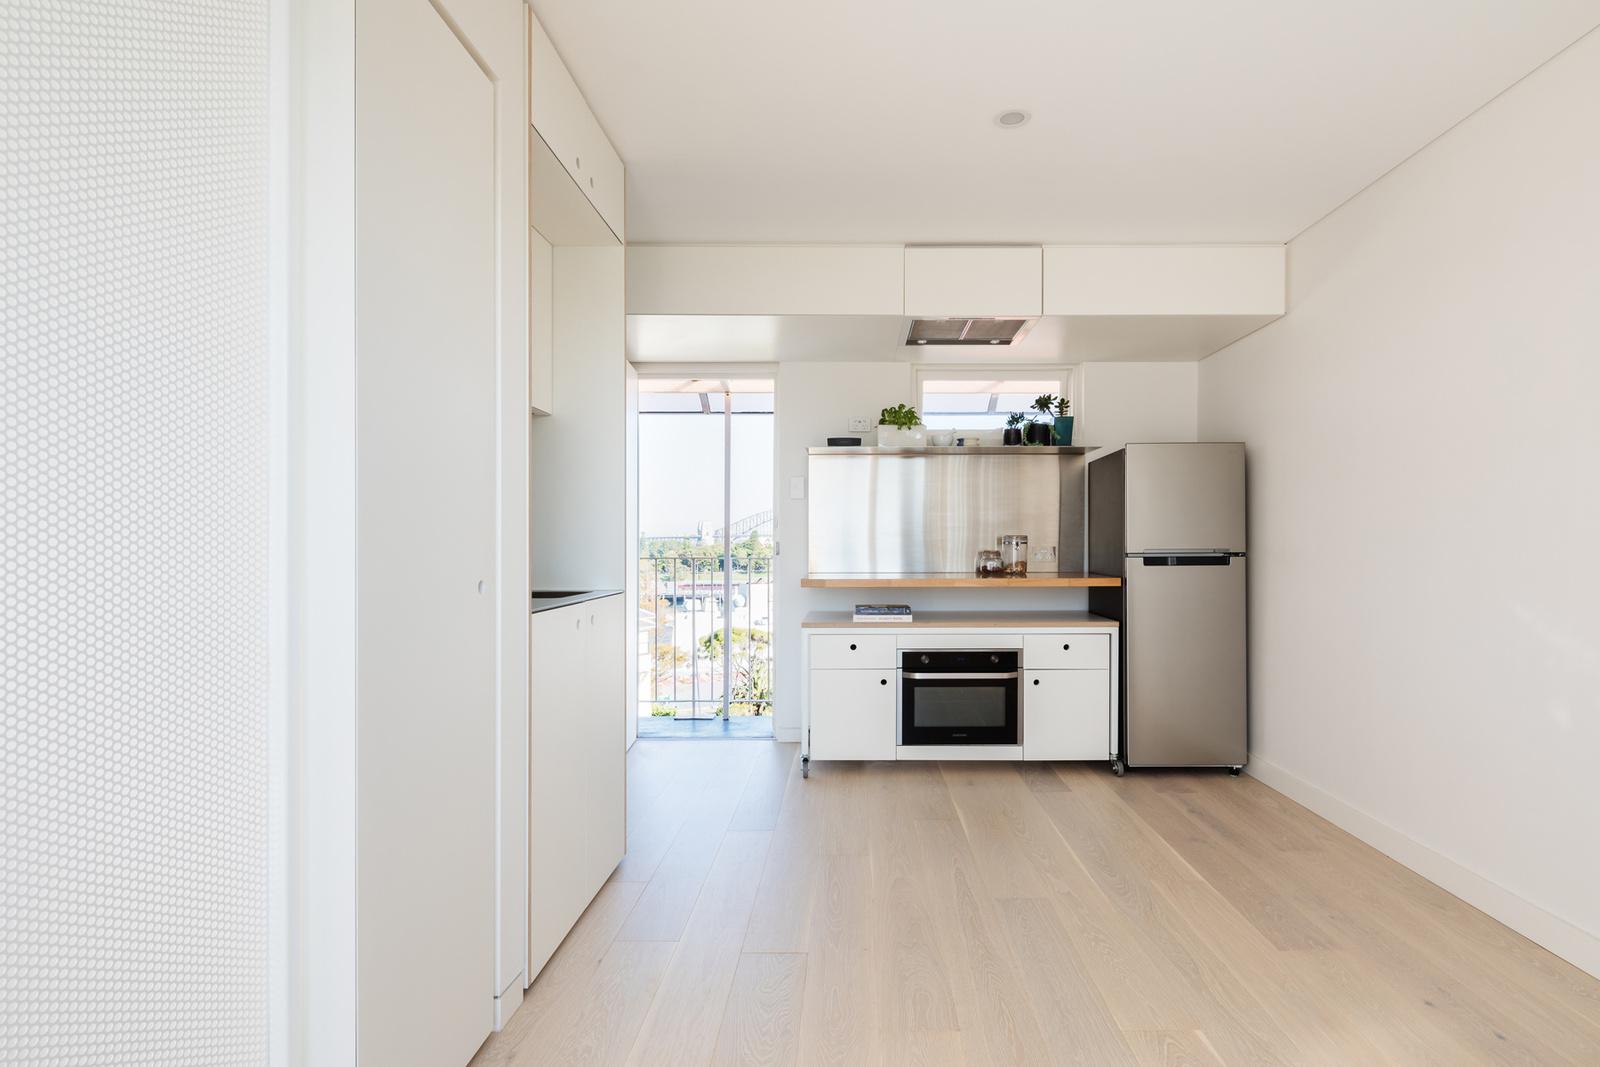 輕輕鬆鬆將空間功能轉換在手中 - 5S Apartment